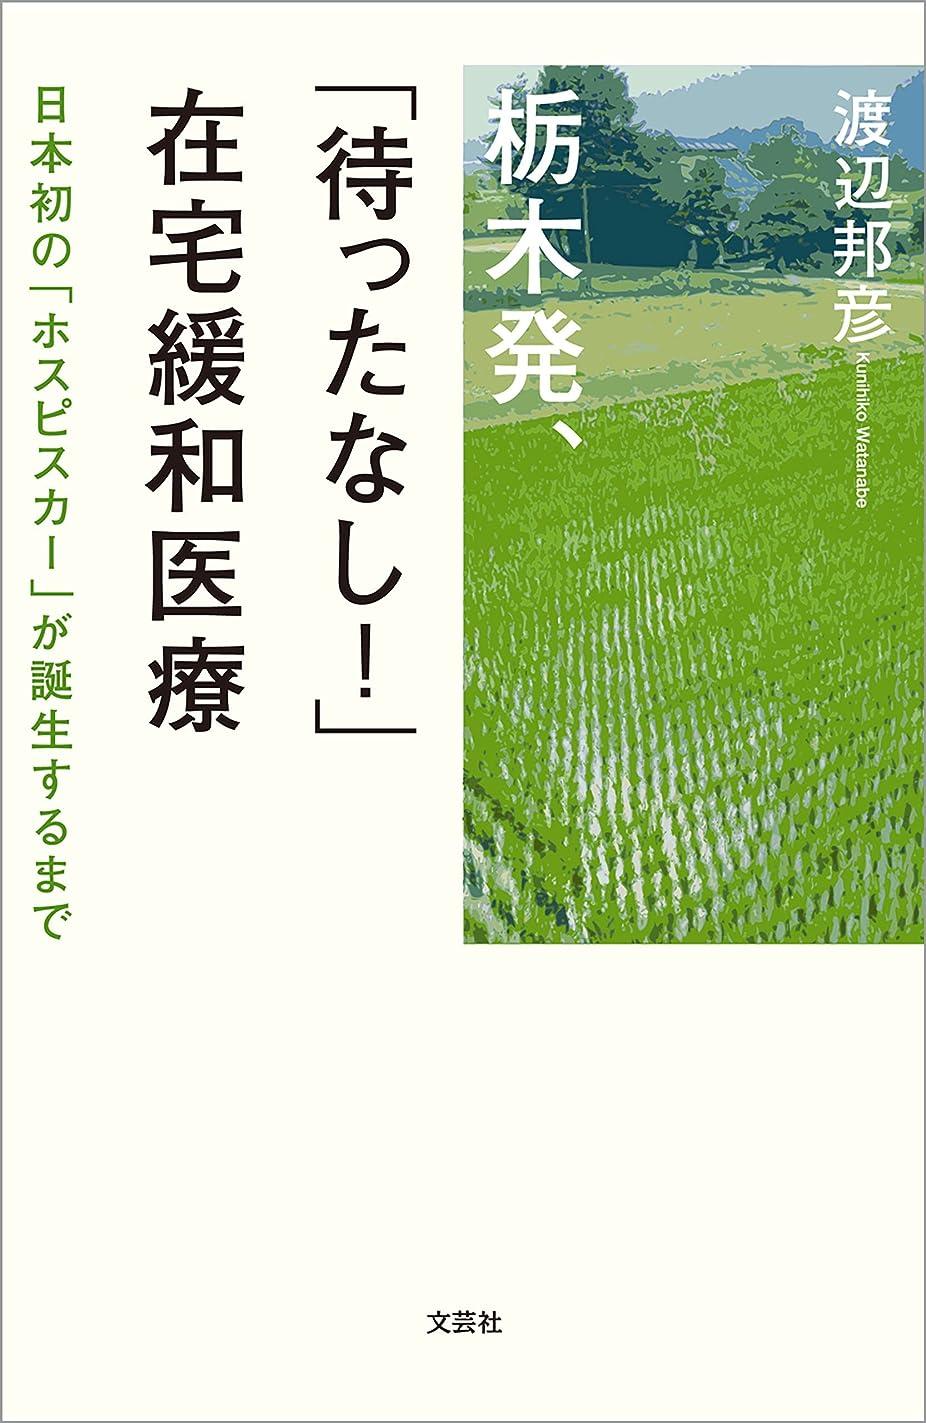 タイプライターシャックル矩形栃木発、「待ったなし!」在宅緩和医療 日本初の「ホスピスカー」が誕生するまで